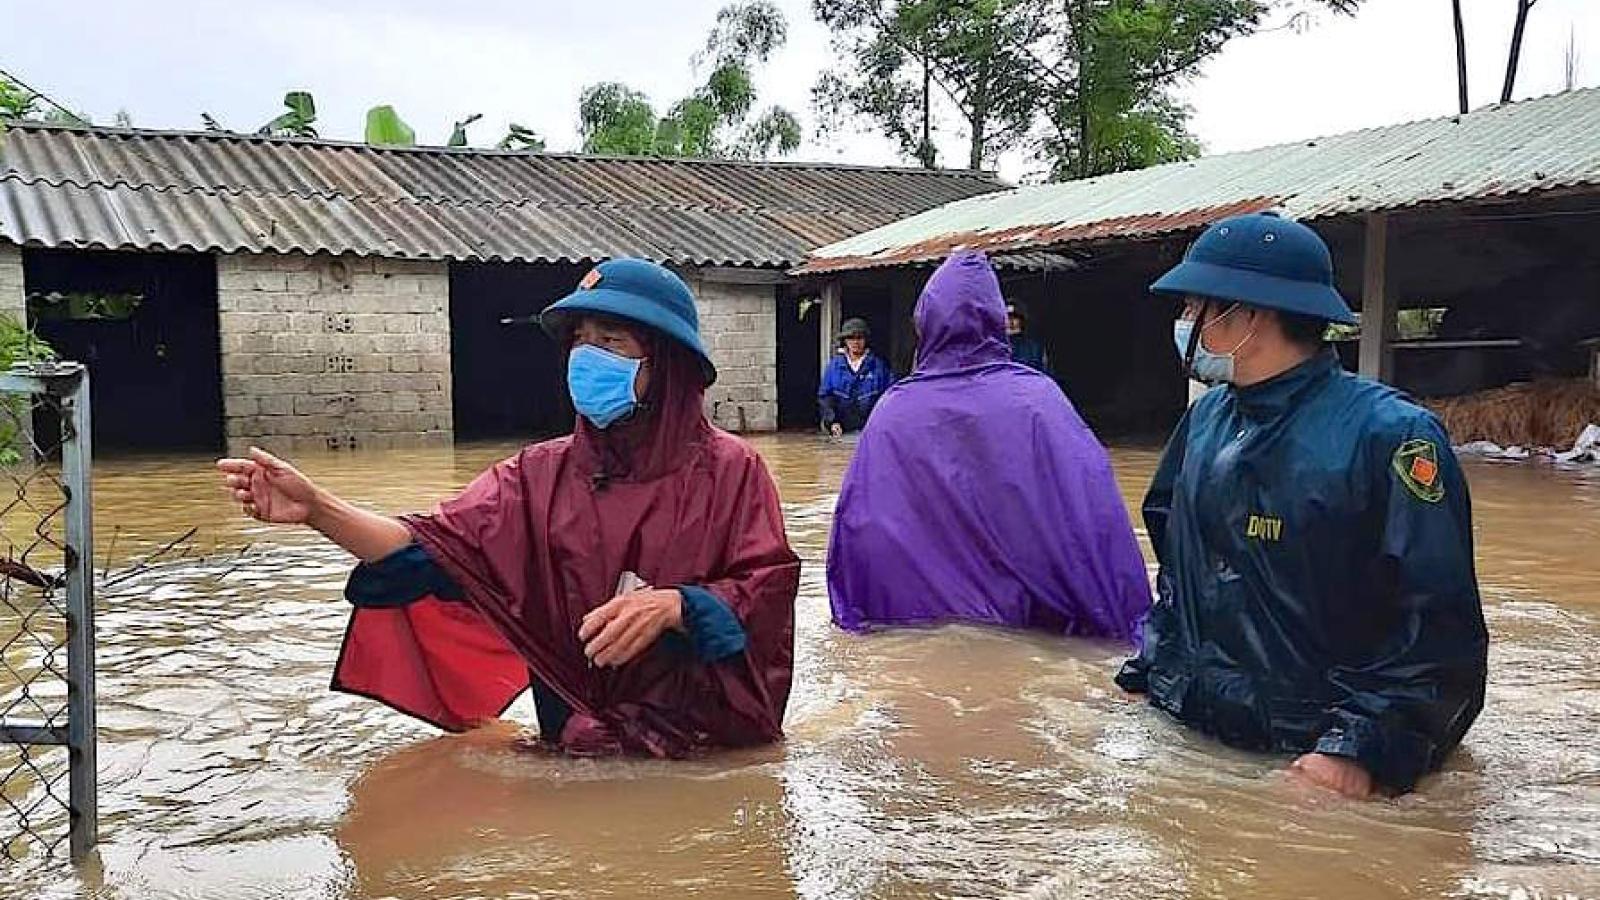 Hồ chứa nước, thủy điện tại Nghệ An xả tràn khiến quốc lộ bị ngập, giao thông chia cắt